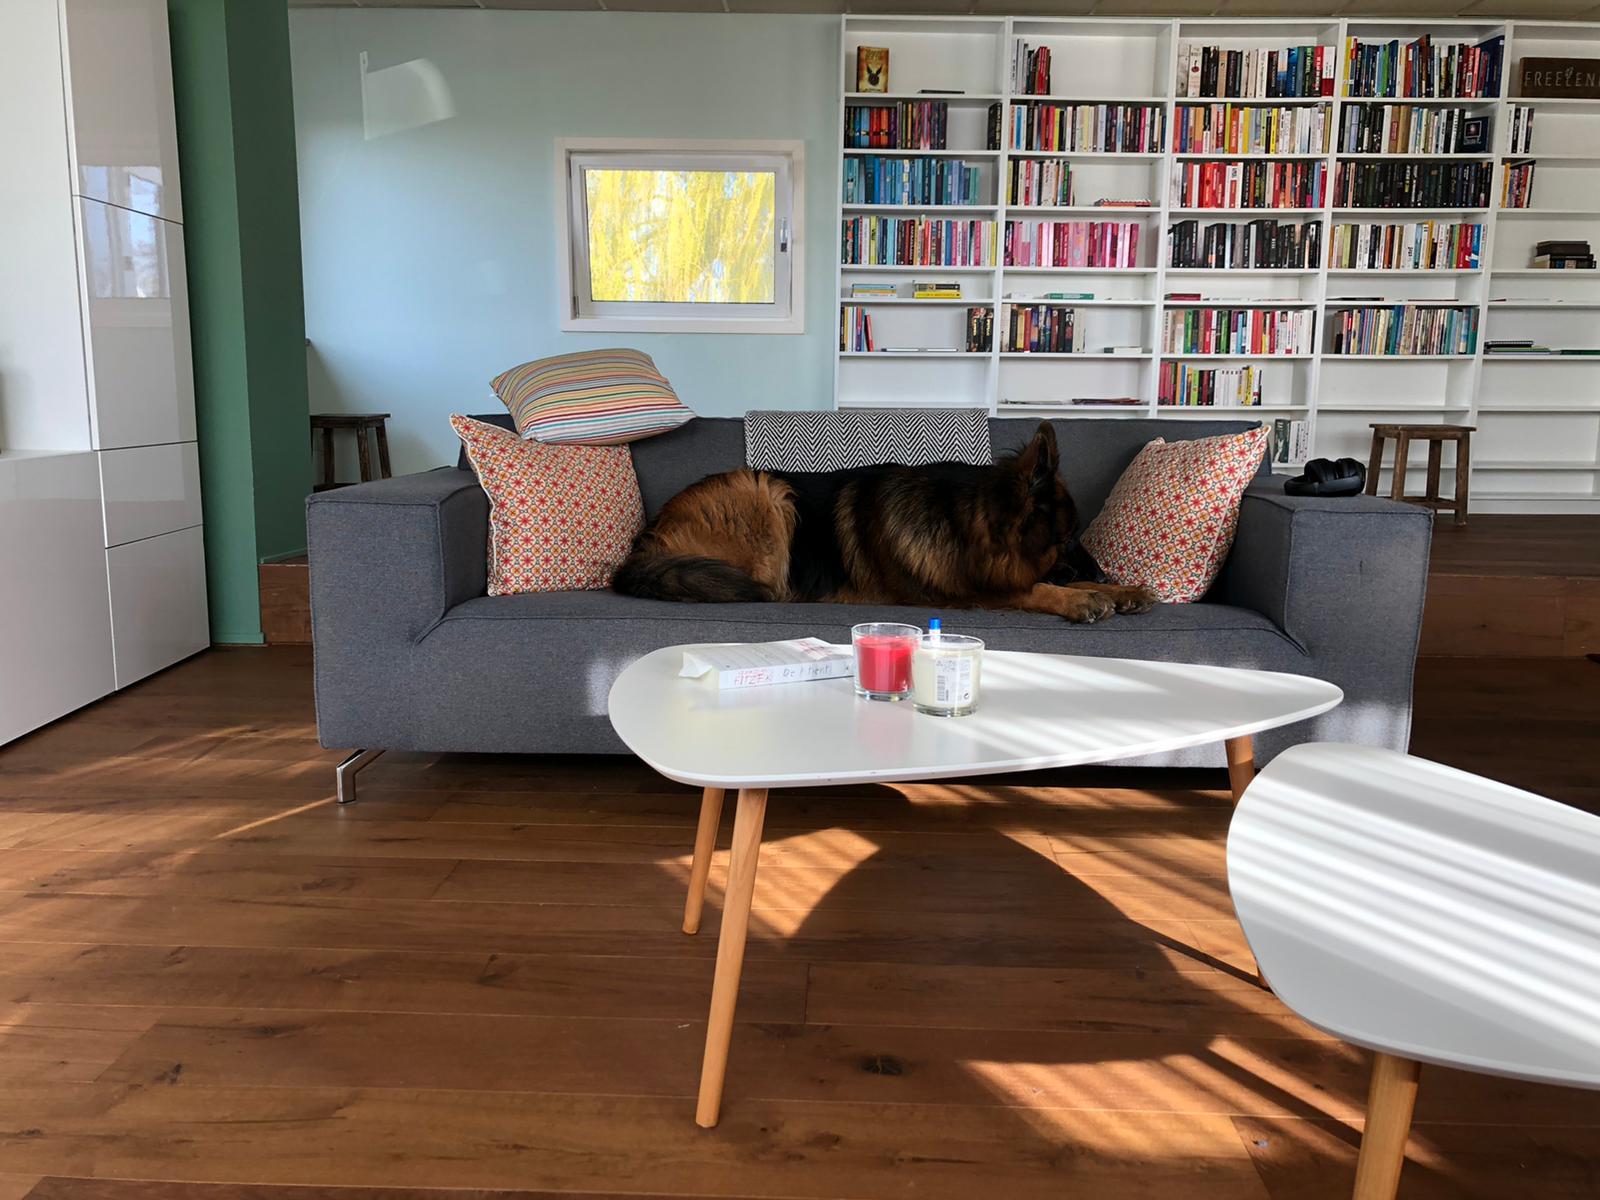 Hond ligt op de bank